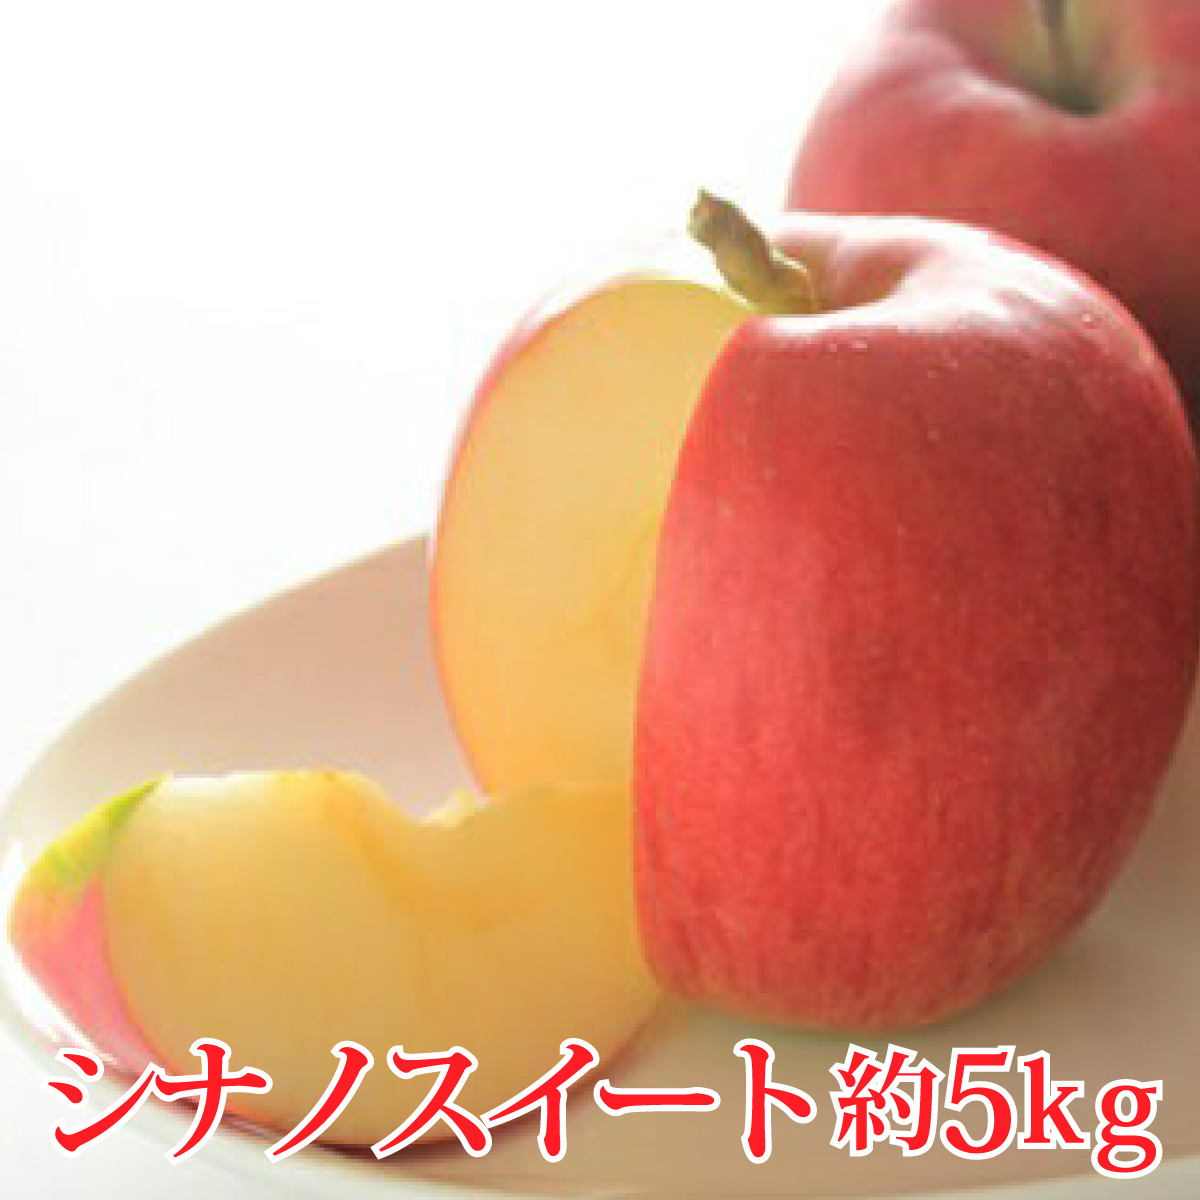 【ふるさと納税】【先行予約】≪10月上旬~順次発送≫シナノスイート 約5kg 【果物類・林檎・りんご・リンゴ】